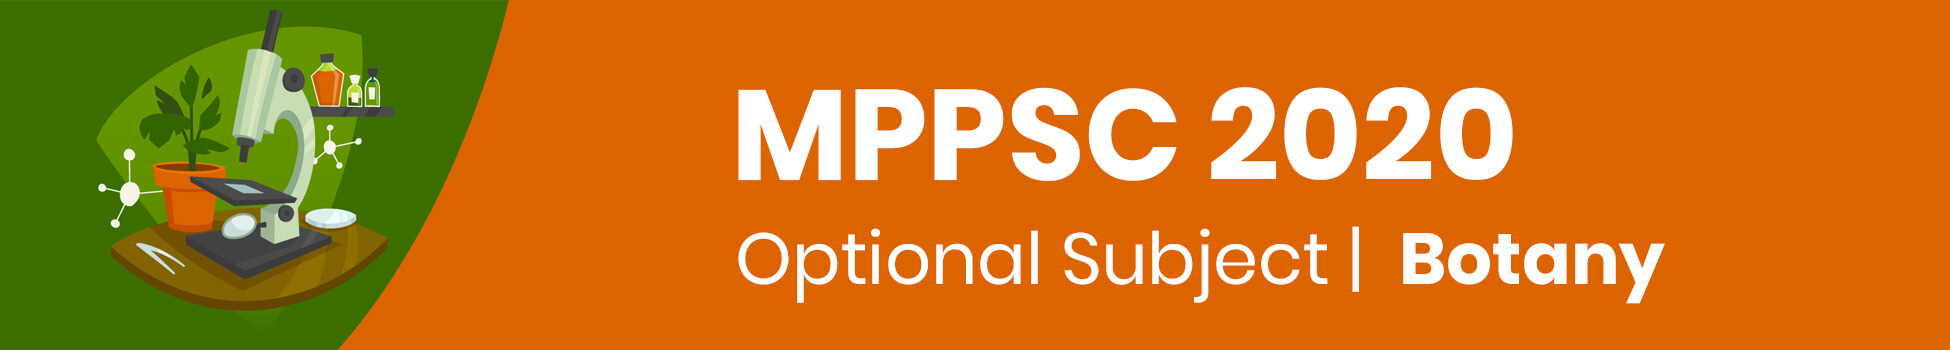 MPPSC 2020 - Optional Subject |  Botany